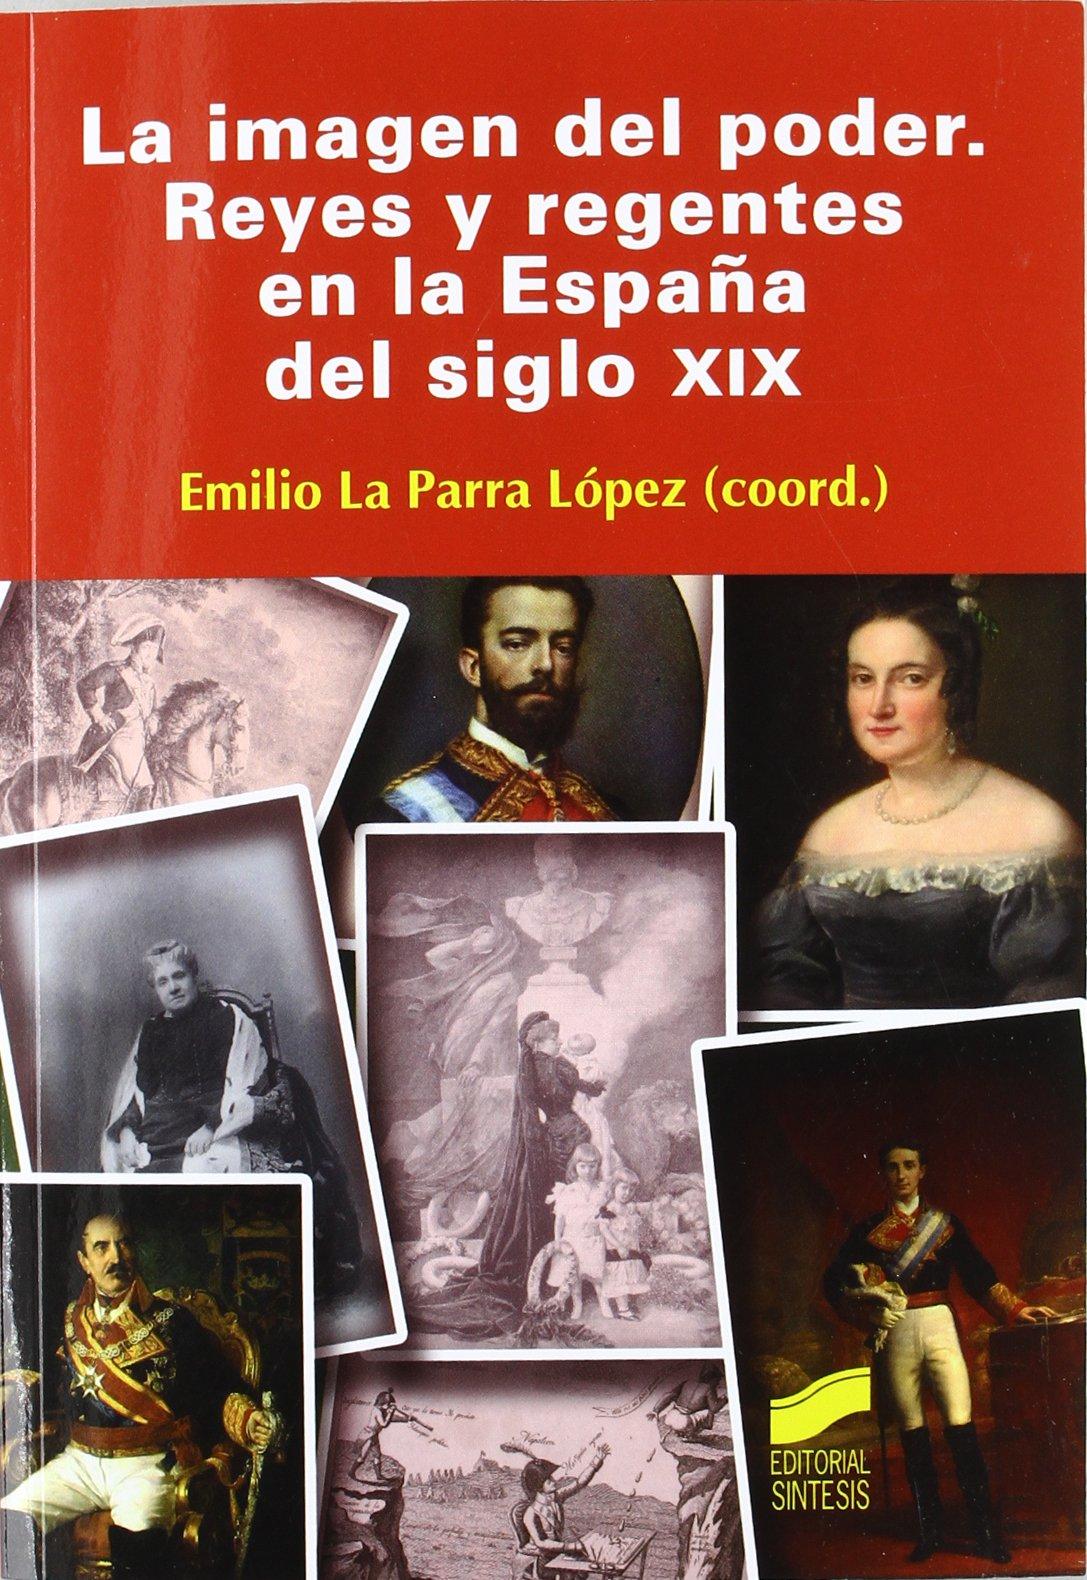 La imagen del poder: reyes y regentes en la España del siglo XIX: Amazon.es: La Parra López, Emilio: Libros